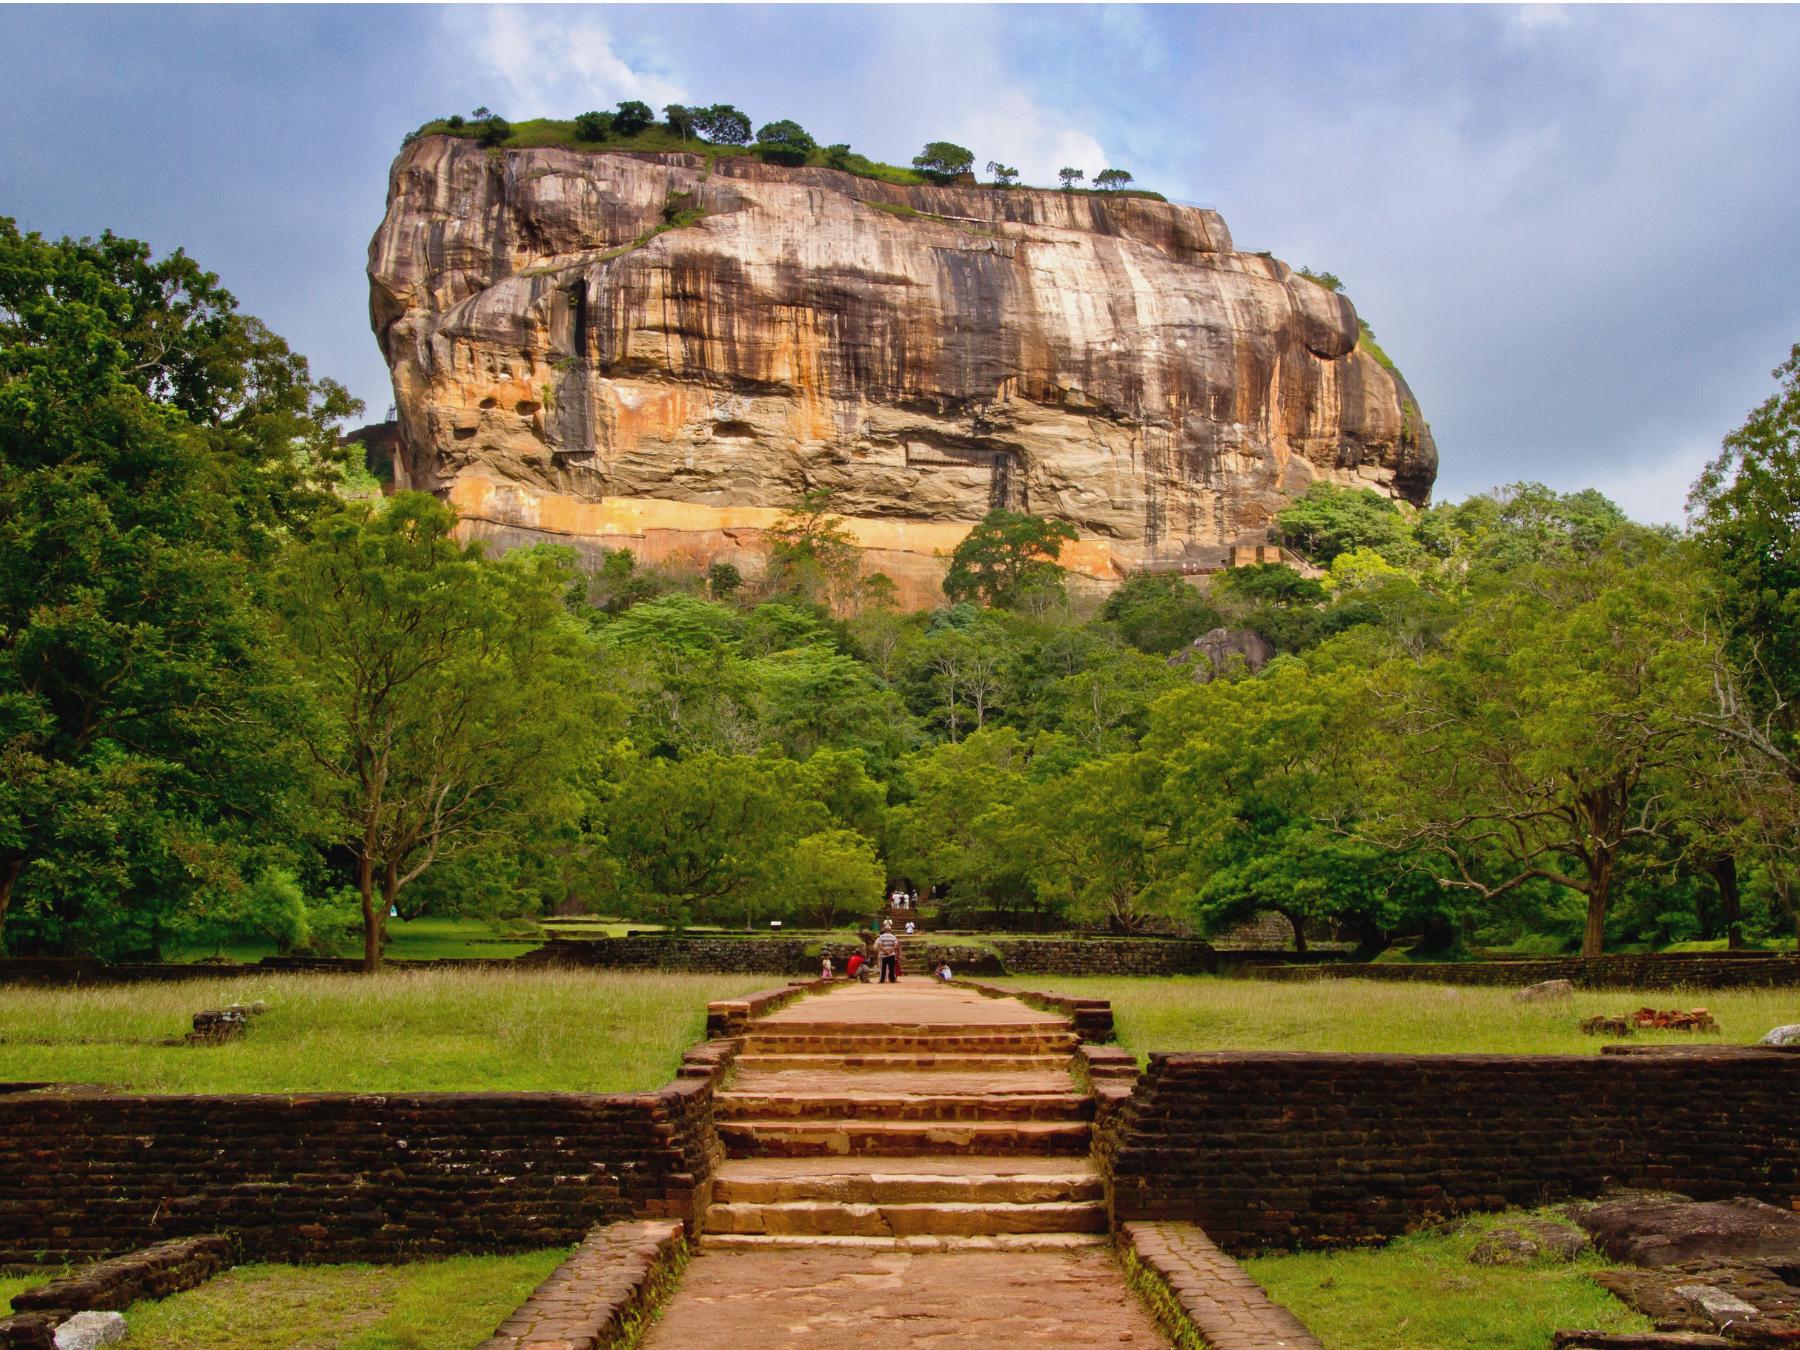 15-melhores-lugares-para-viajar-esse-ano-2019-sri-lanka 15 melhores lugares para viajar esse ano 2019 (melhor custo)